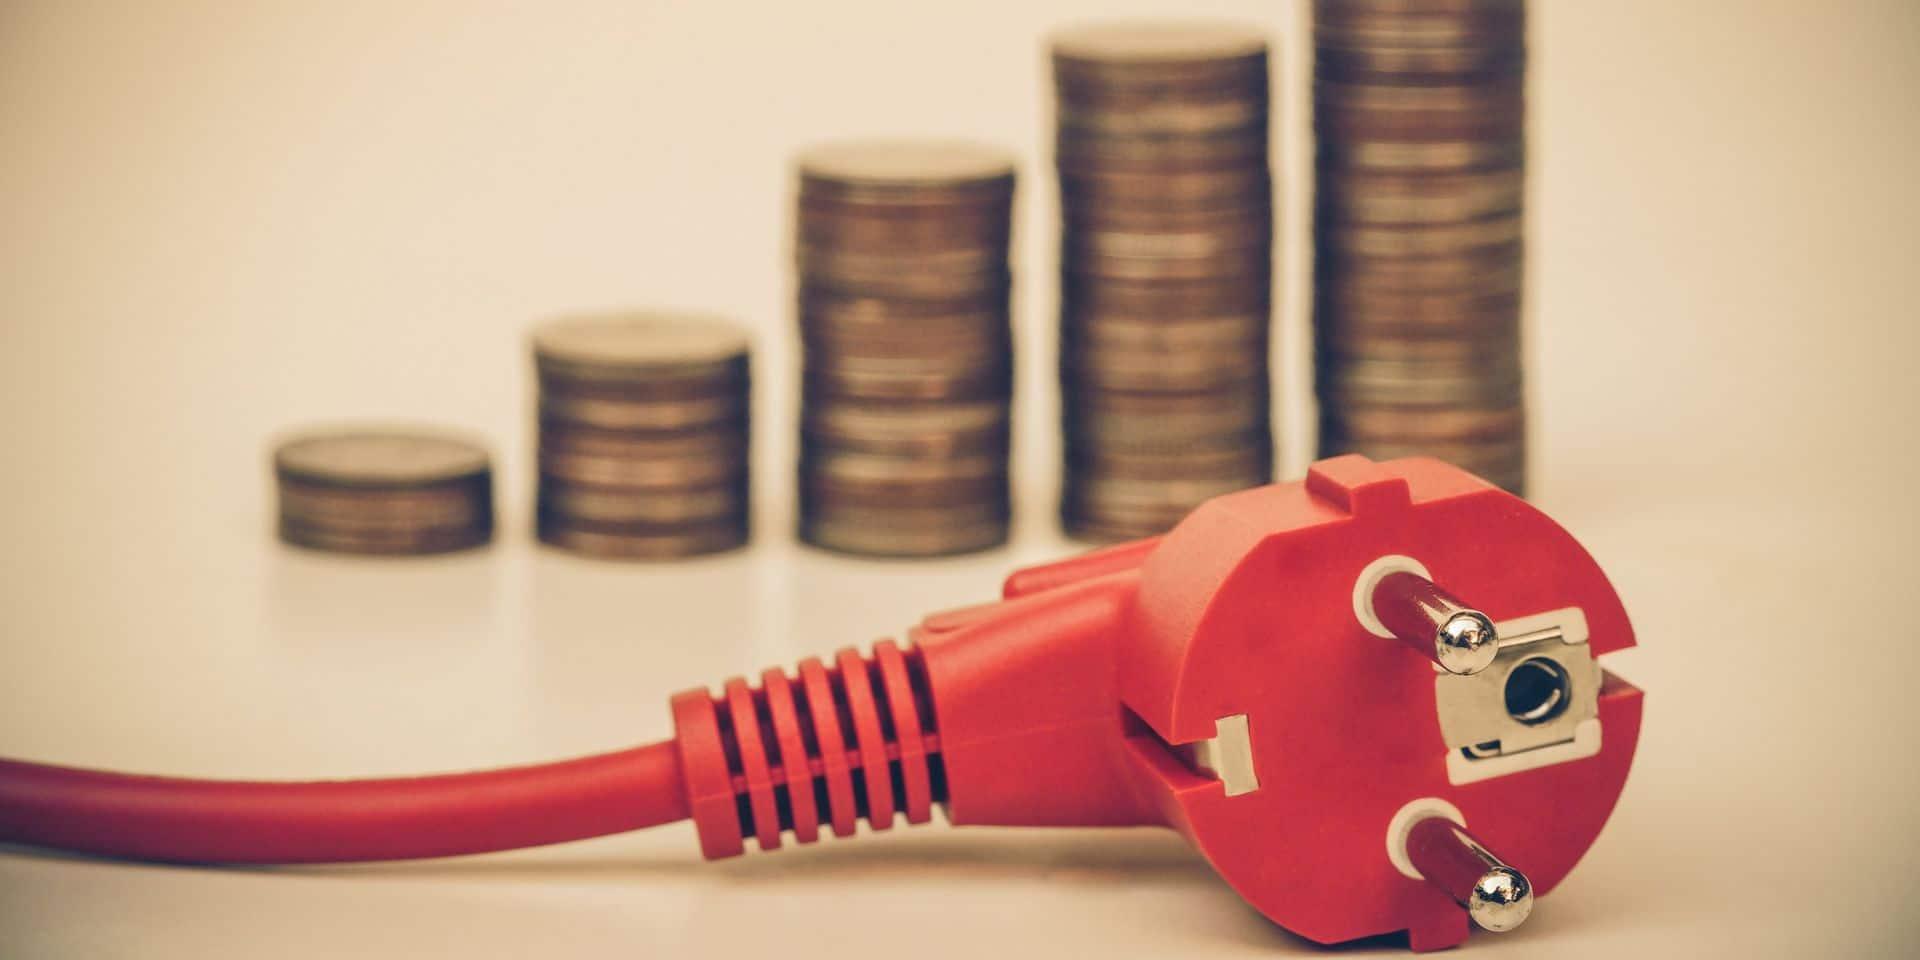 Le risque financier des fournisseurs d'énergie a triplé depuis février